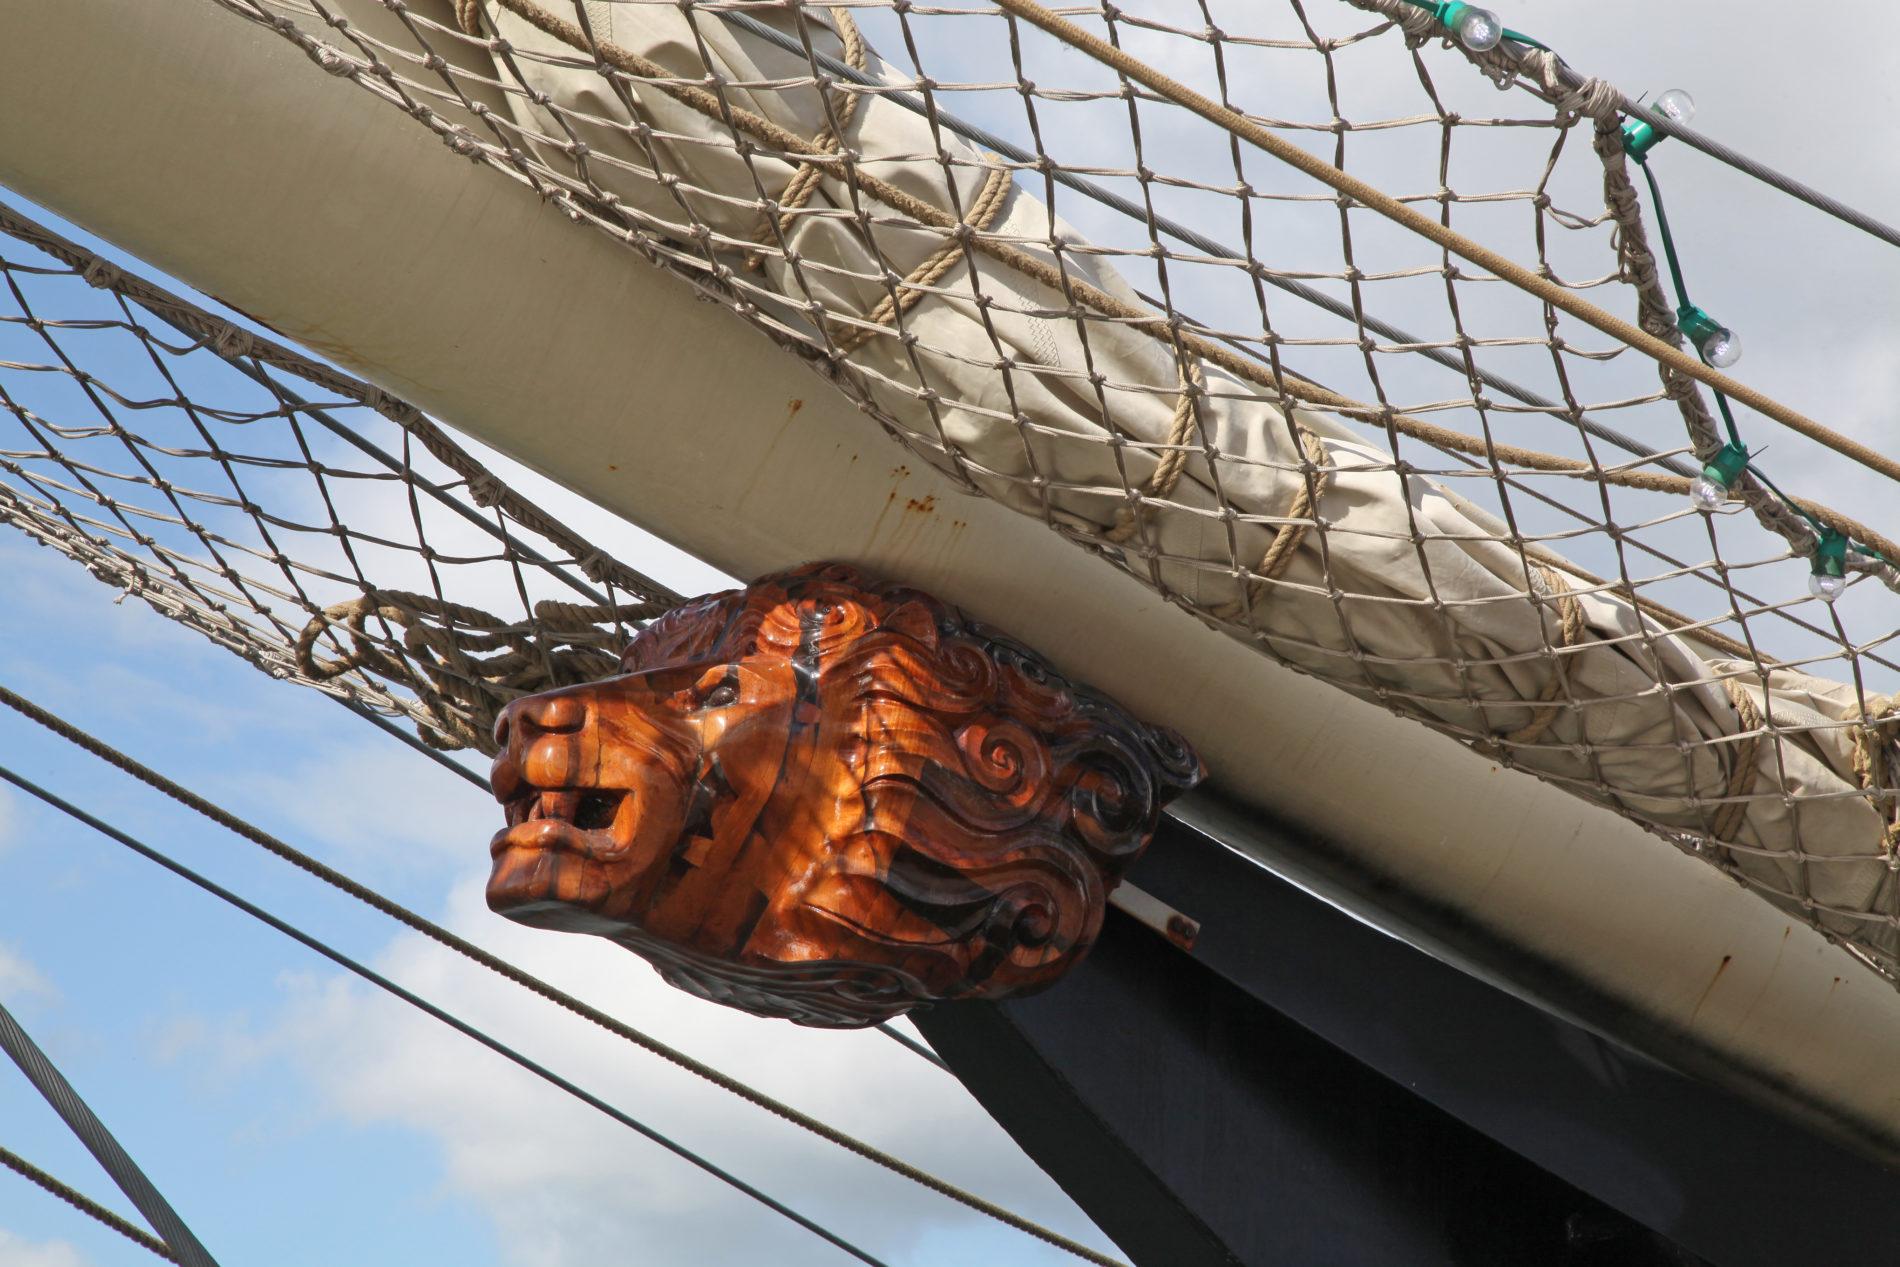 Leeuwen ornament op boeg van een schip